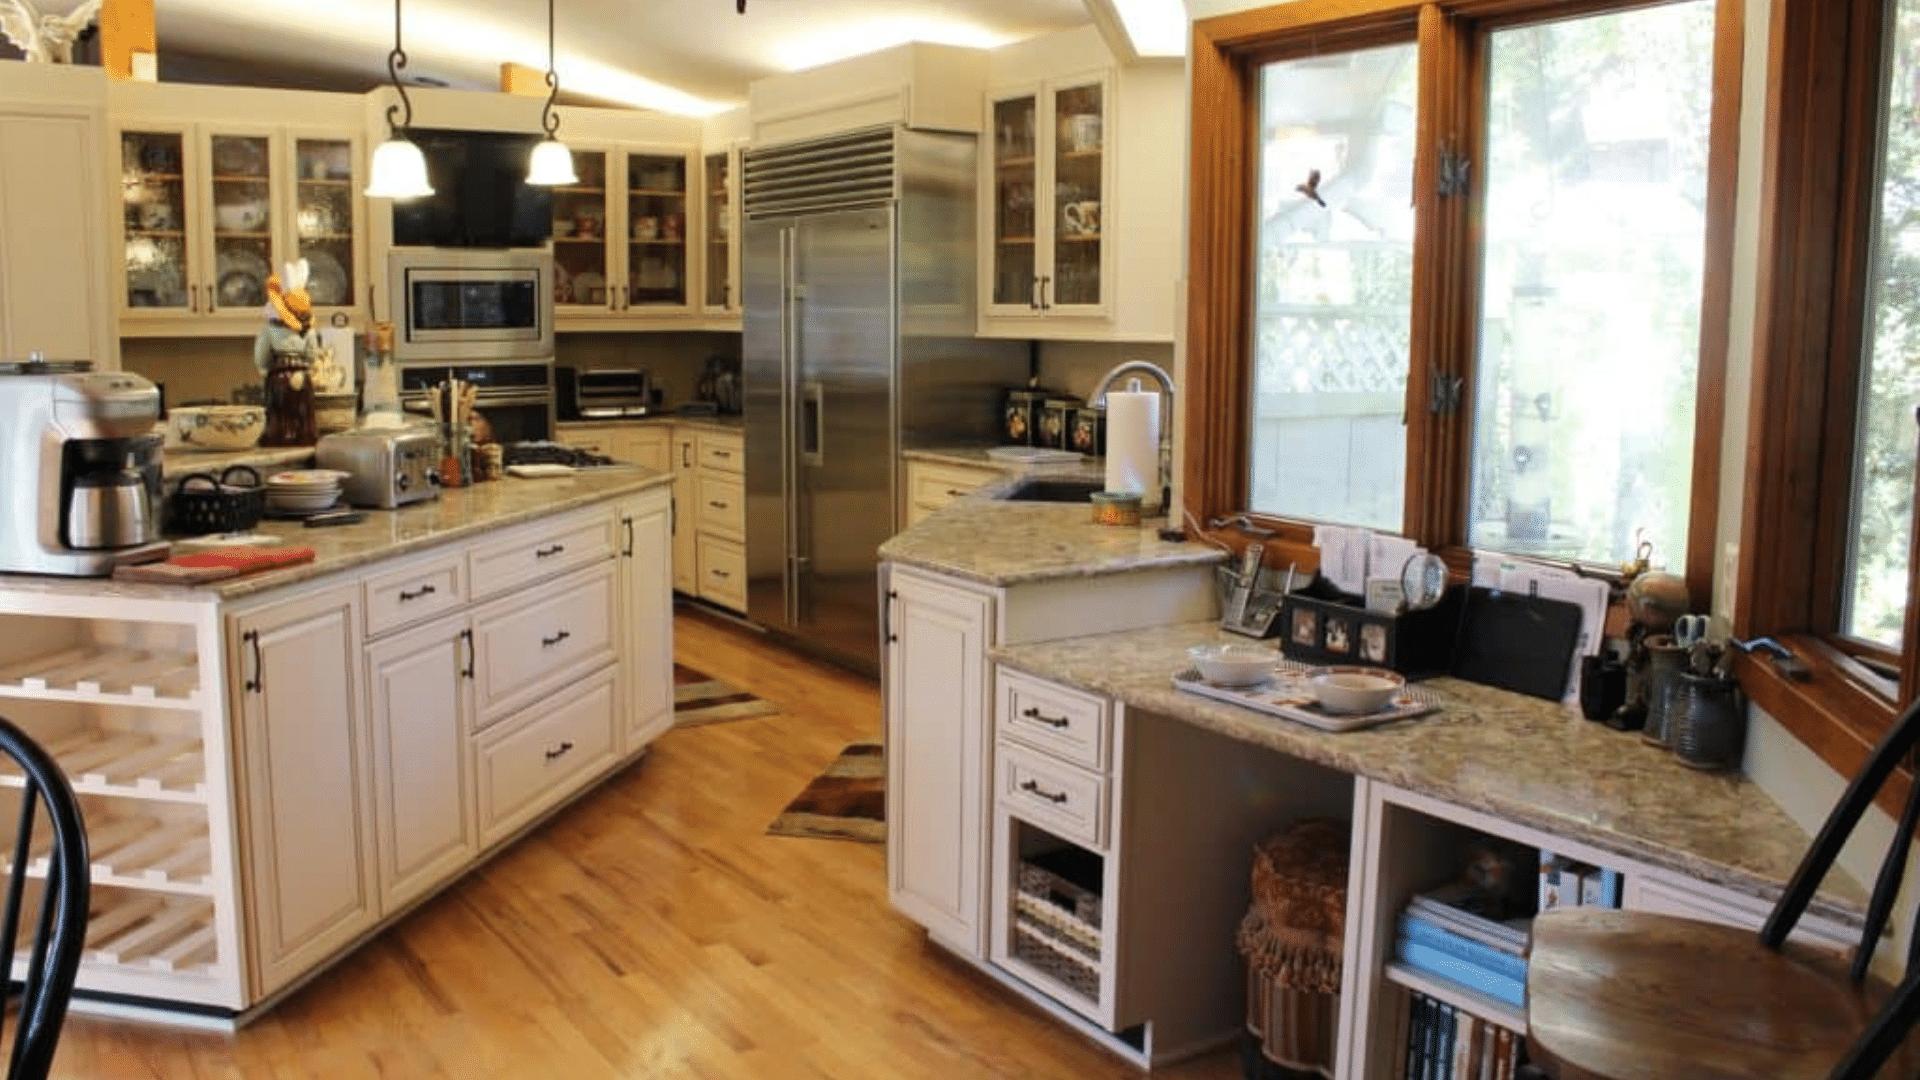 McManus Kitchen and Bath & Betton Hills Large Kitchen Cabinet Reface \u2013 $34000 | McManus ...